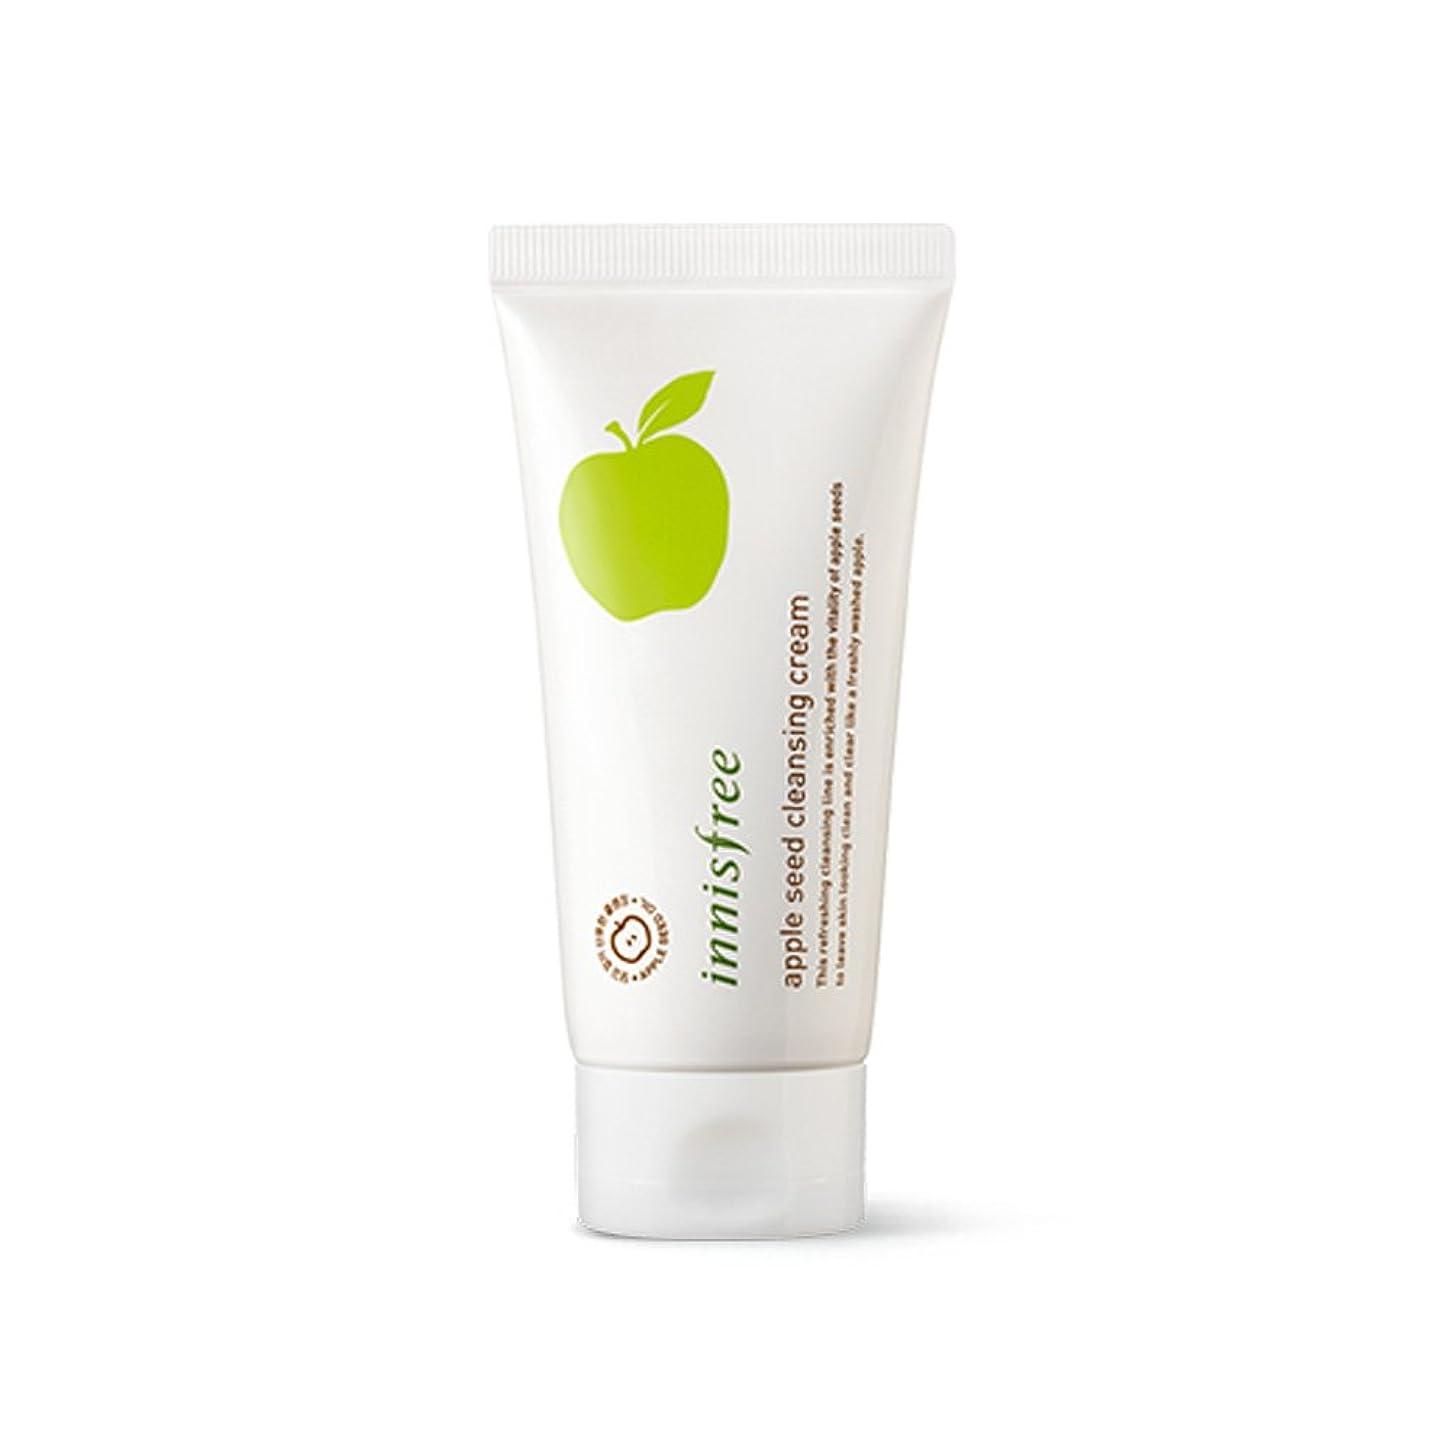 コミット素晴らしさピラミッドイニスフリーアップルシードクレンジングクリーム150ml / Innisfree Apple Seed Cleansing Cream 150ml [海外直送品][並行輸入品]